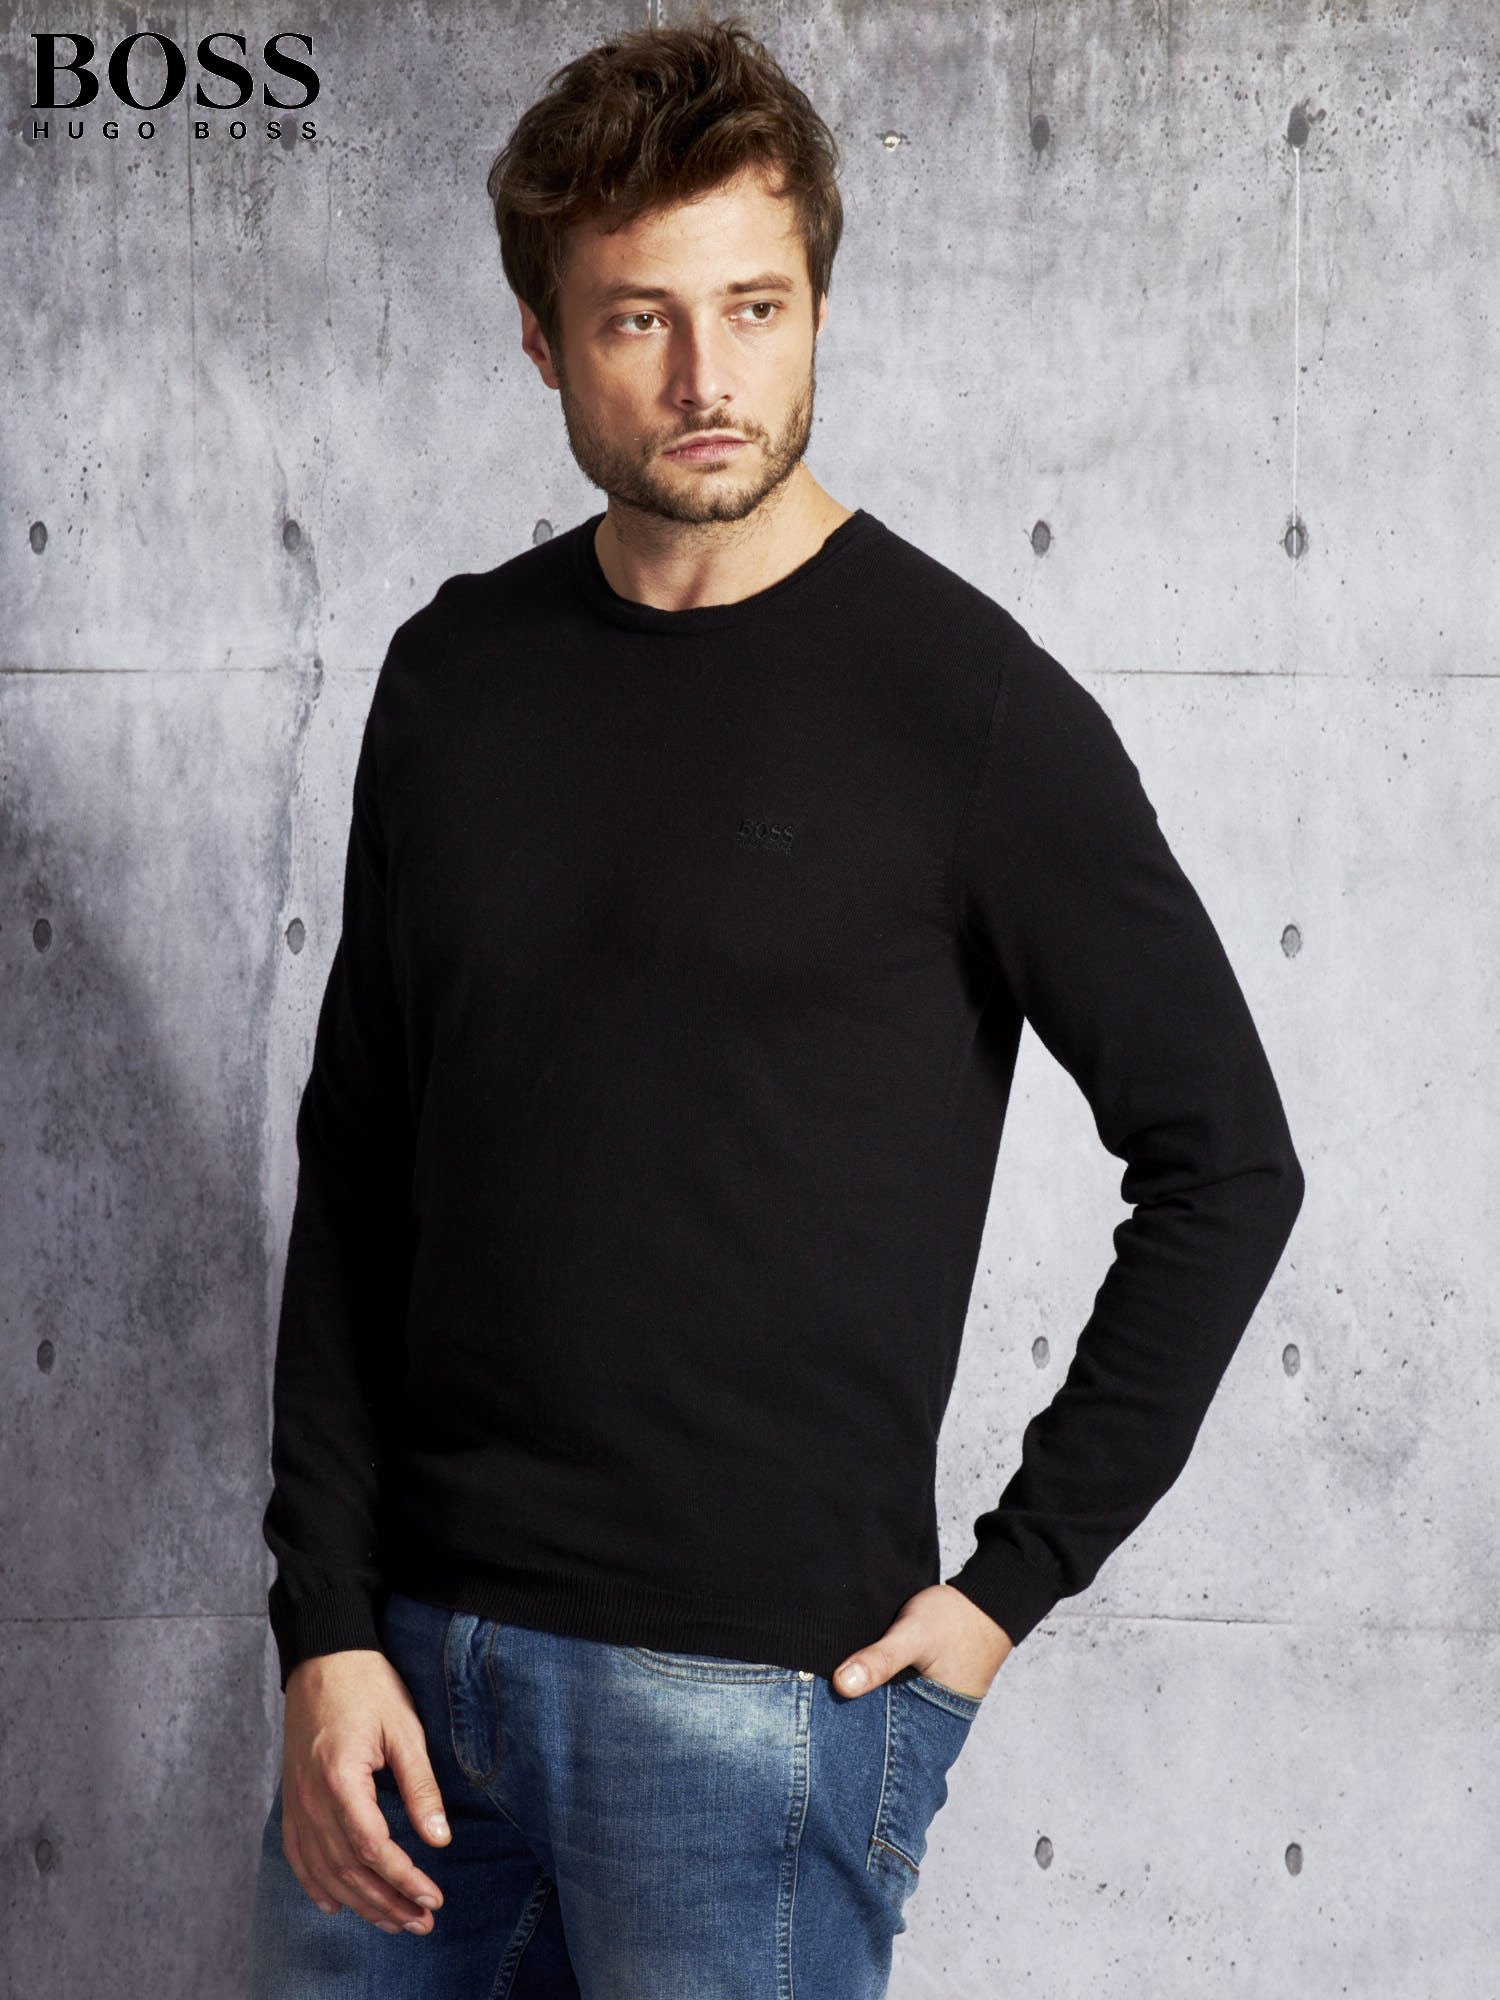 f3d658192834a HUGO BOSS Czarny sweter męski - Mężczyźni Sweter męski - sklep eButik.pl